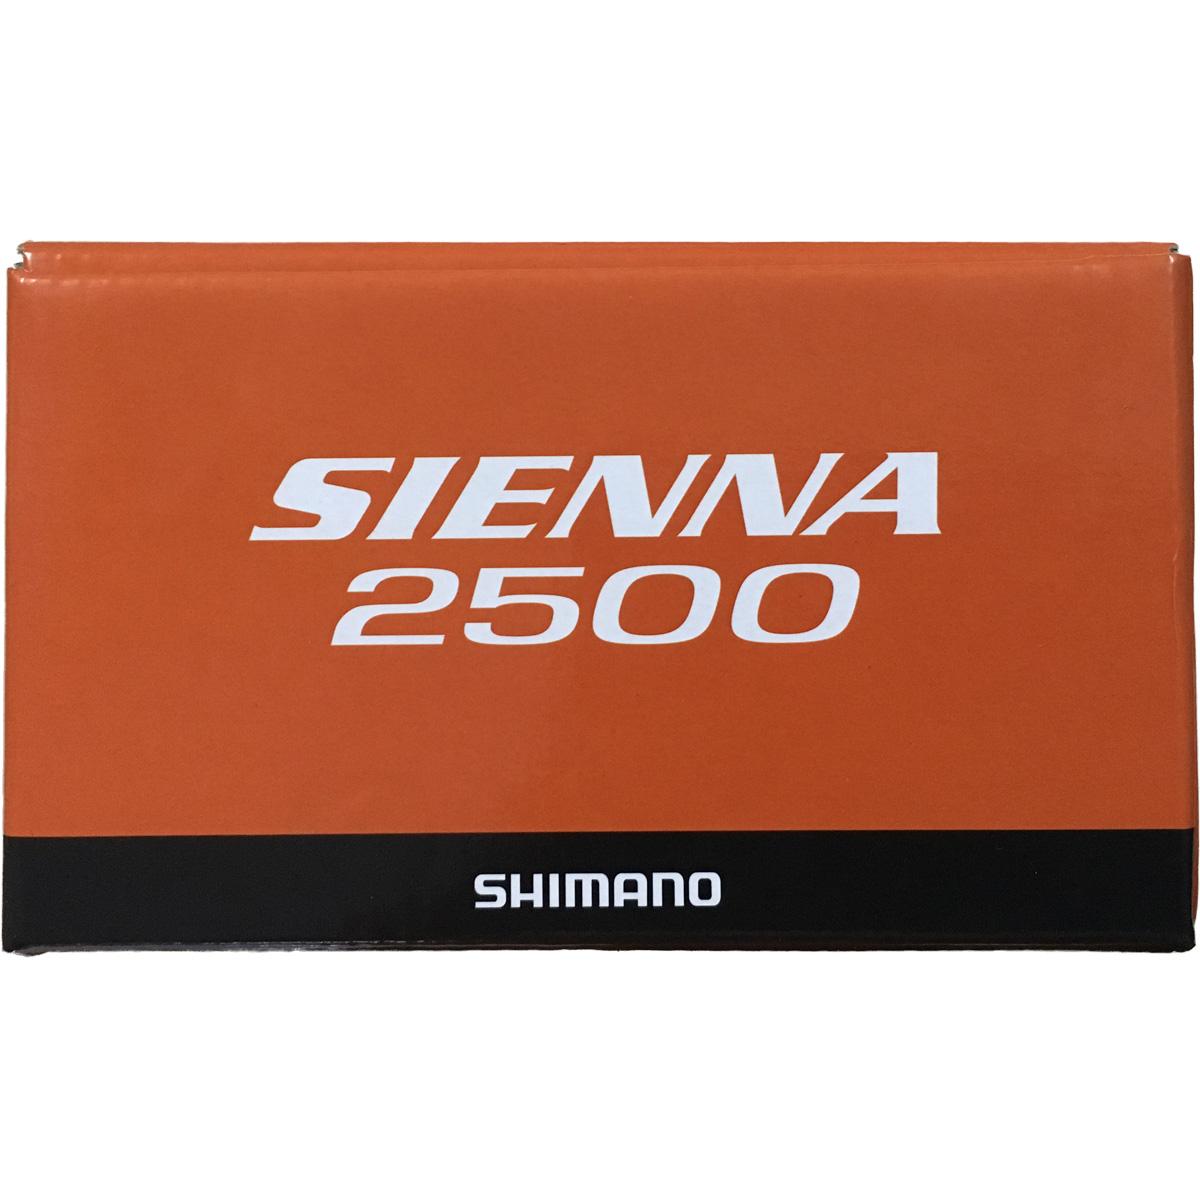 MÁY CÂU CÁ Shimano Sienna 2500FE BH 3 Tháng Hot 2016